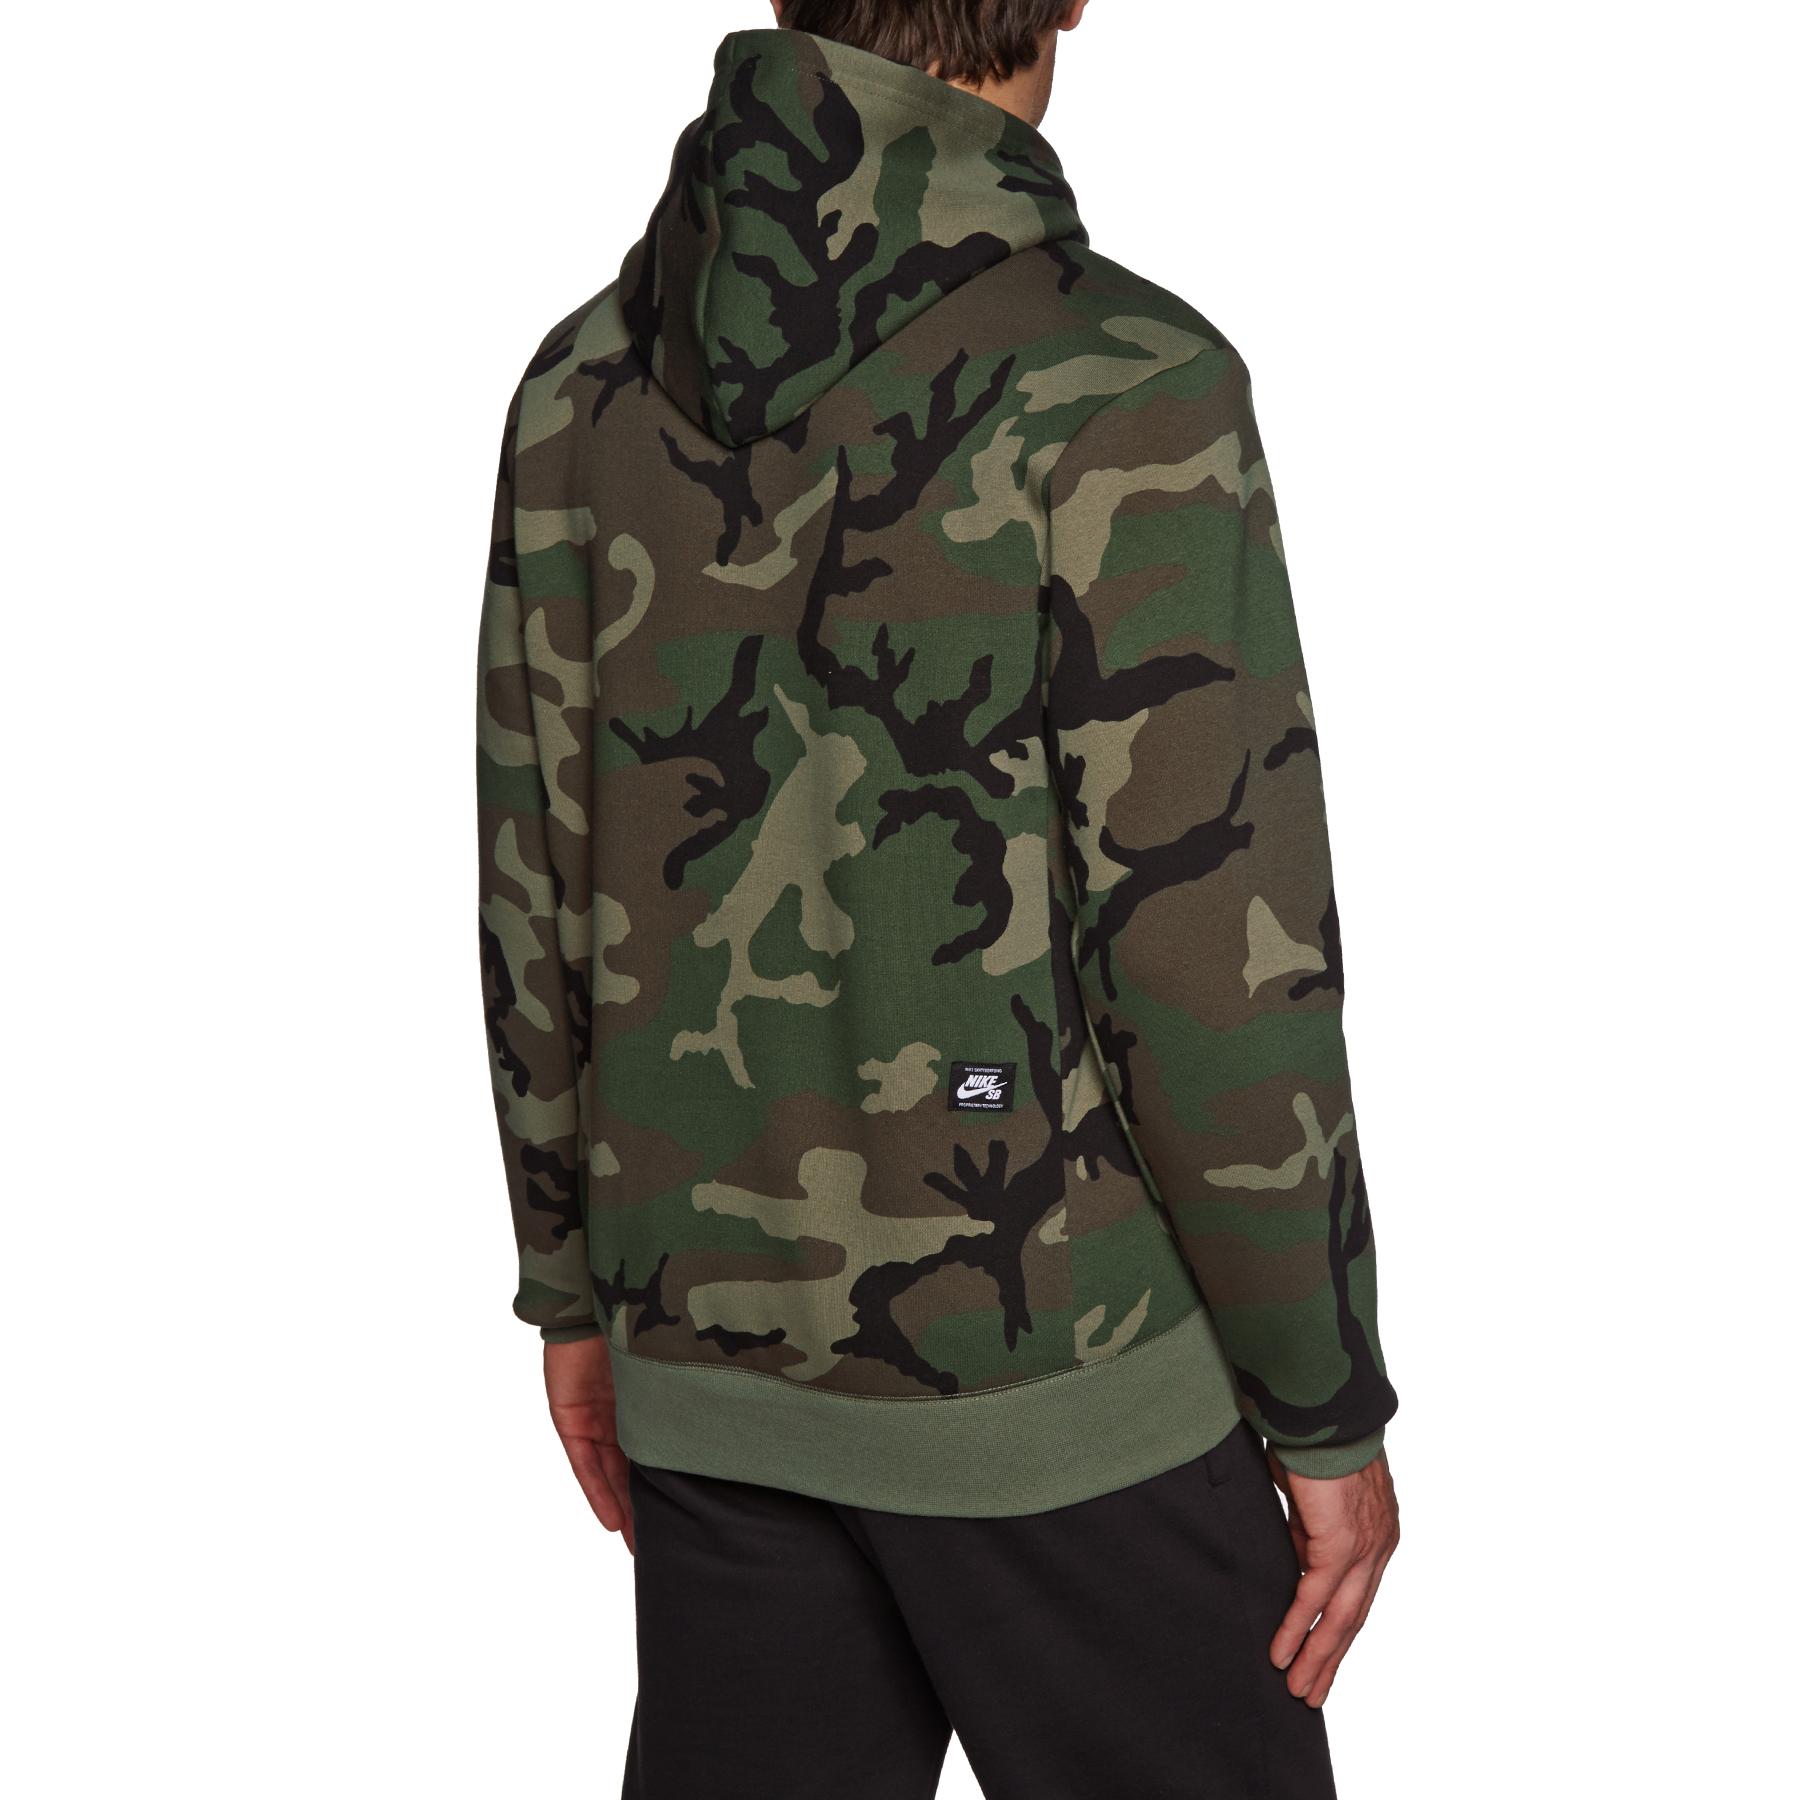 Pullover à Capuche Nike SB Icon Erdl Camo | Livraison